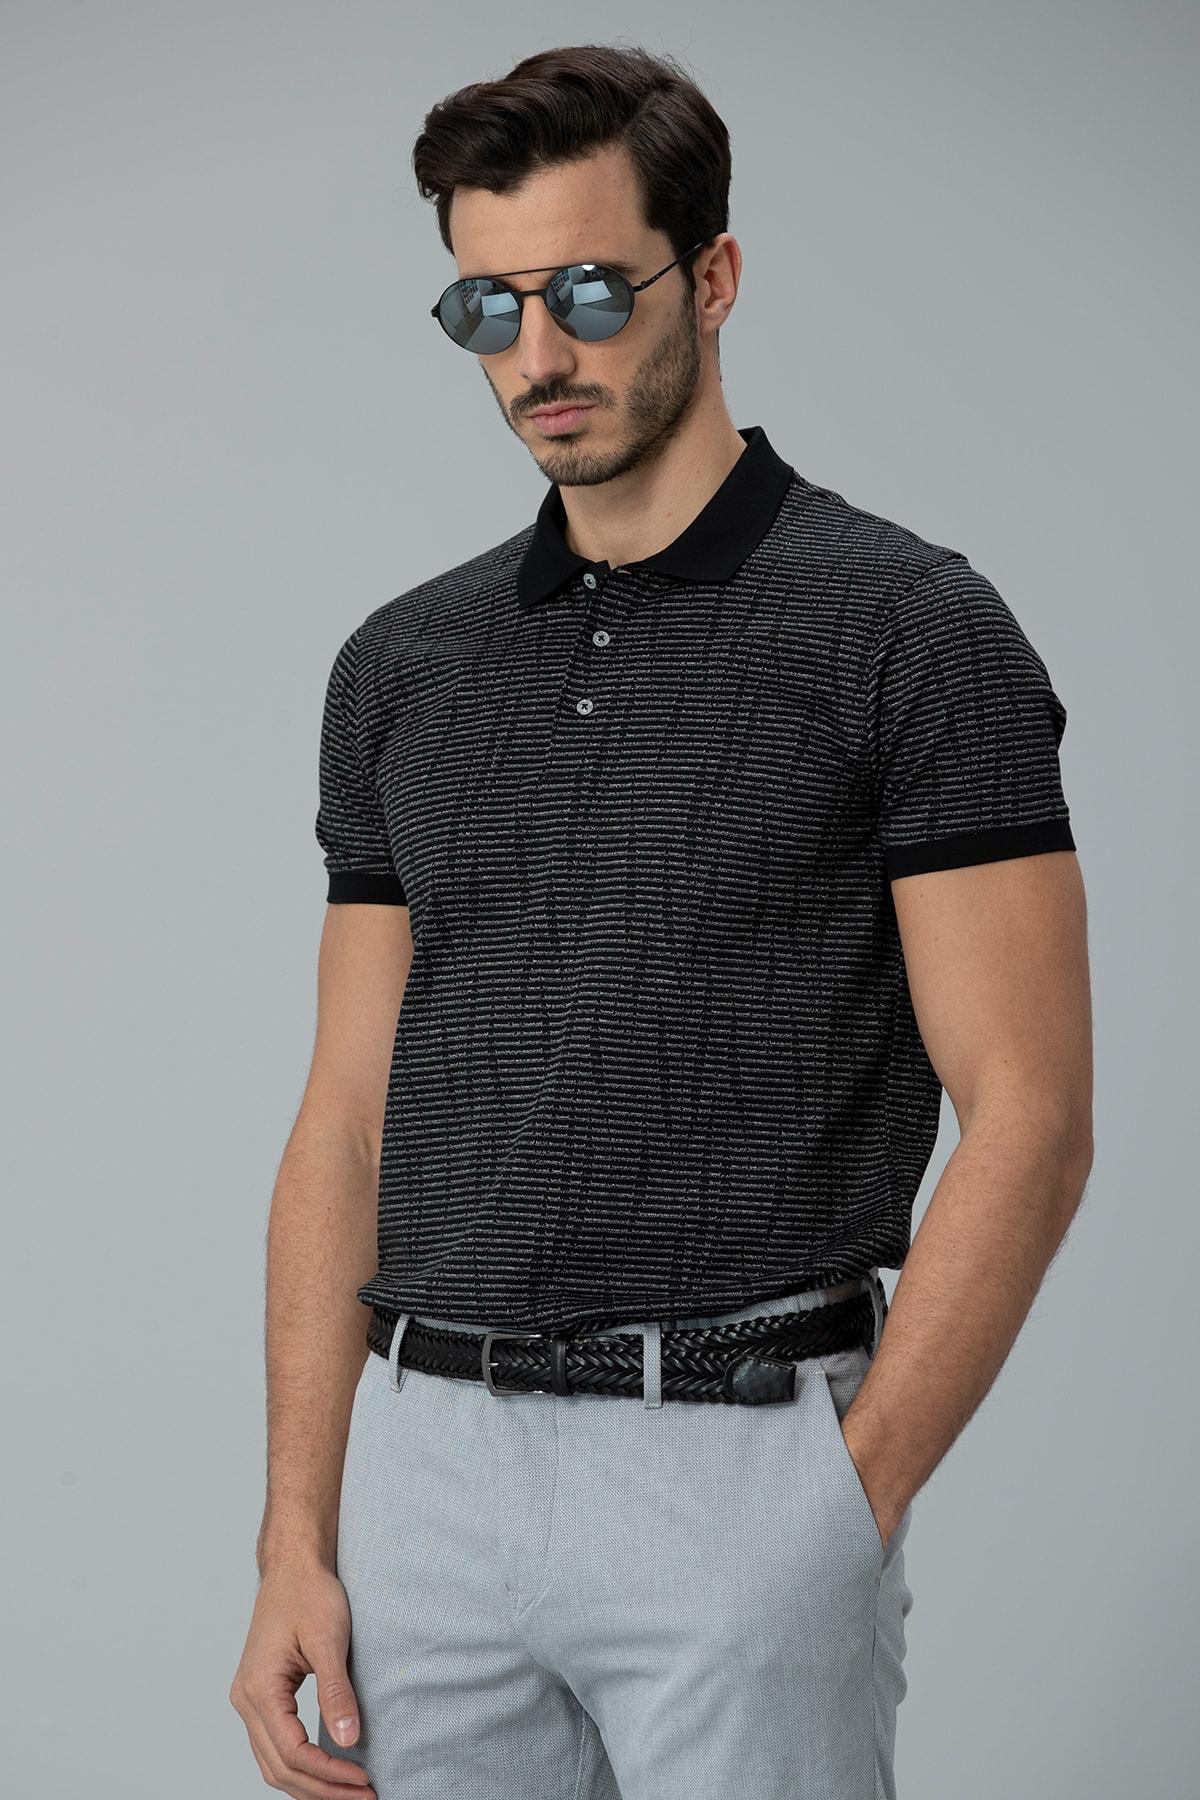 Lufian Como Spor Polo T- Shirt Siyah 1